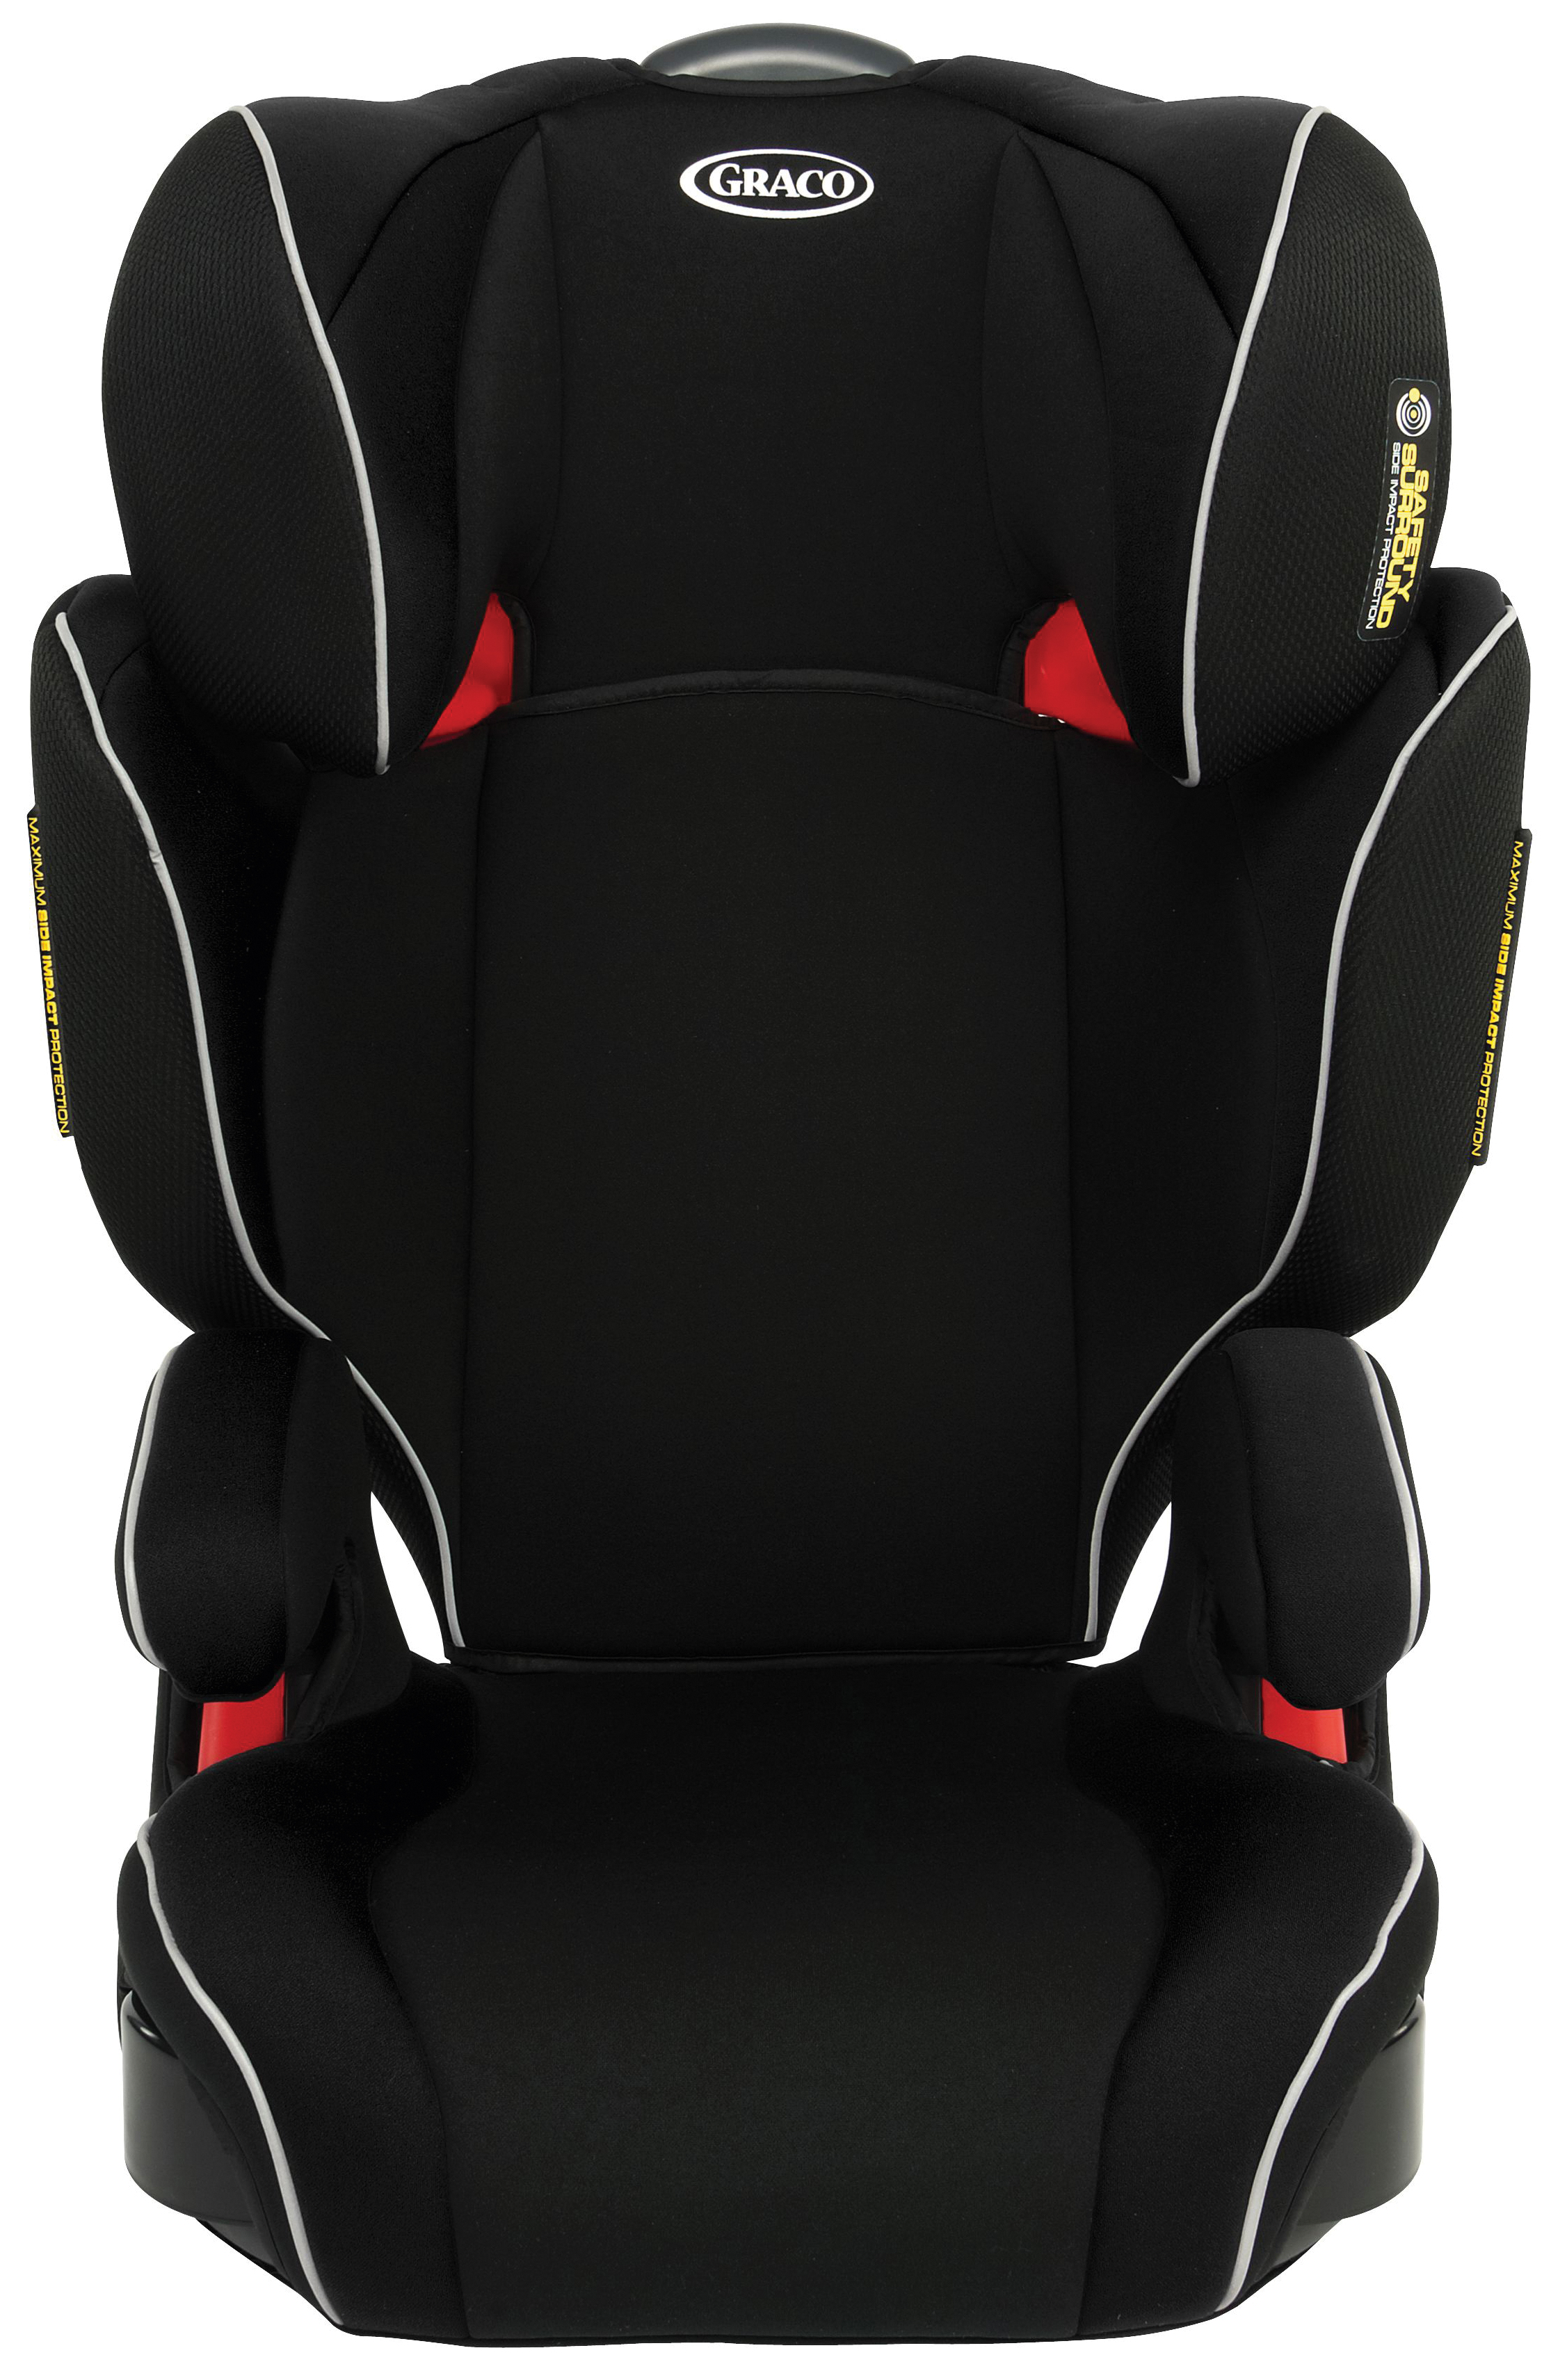 Graco assure sport luxe autostol (til sele montering), +10 stk. på lager fra Graco på pixizoo